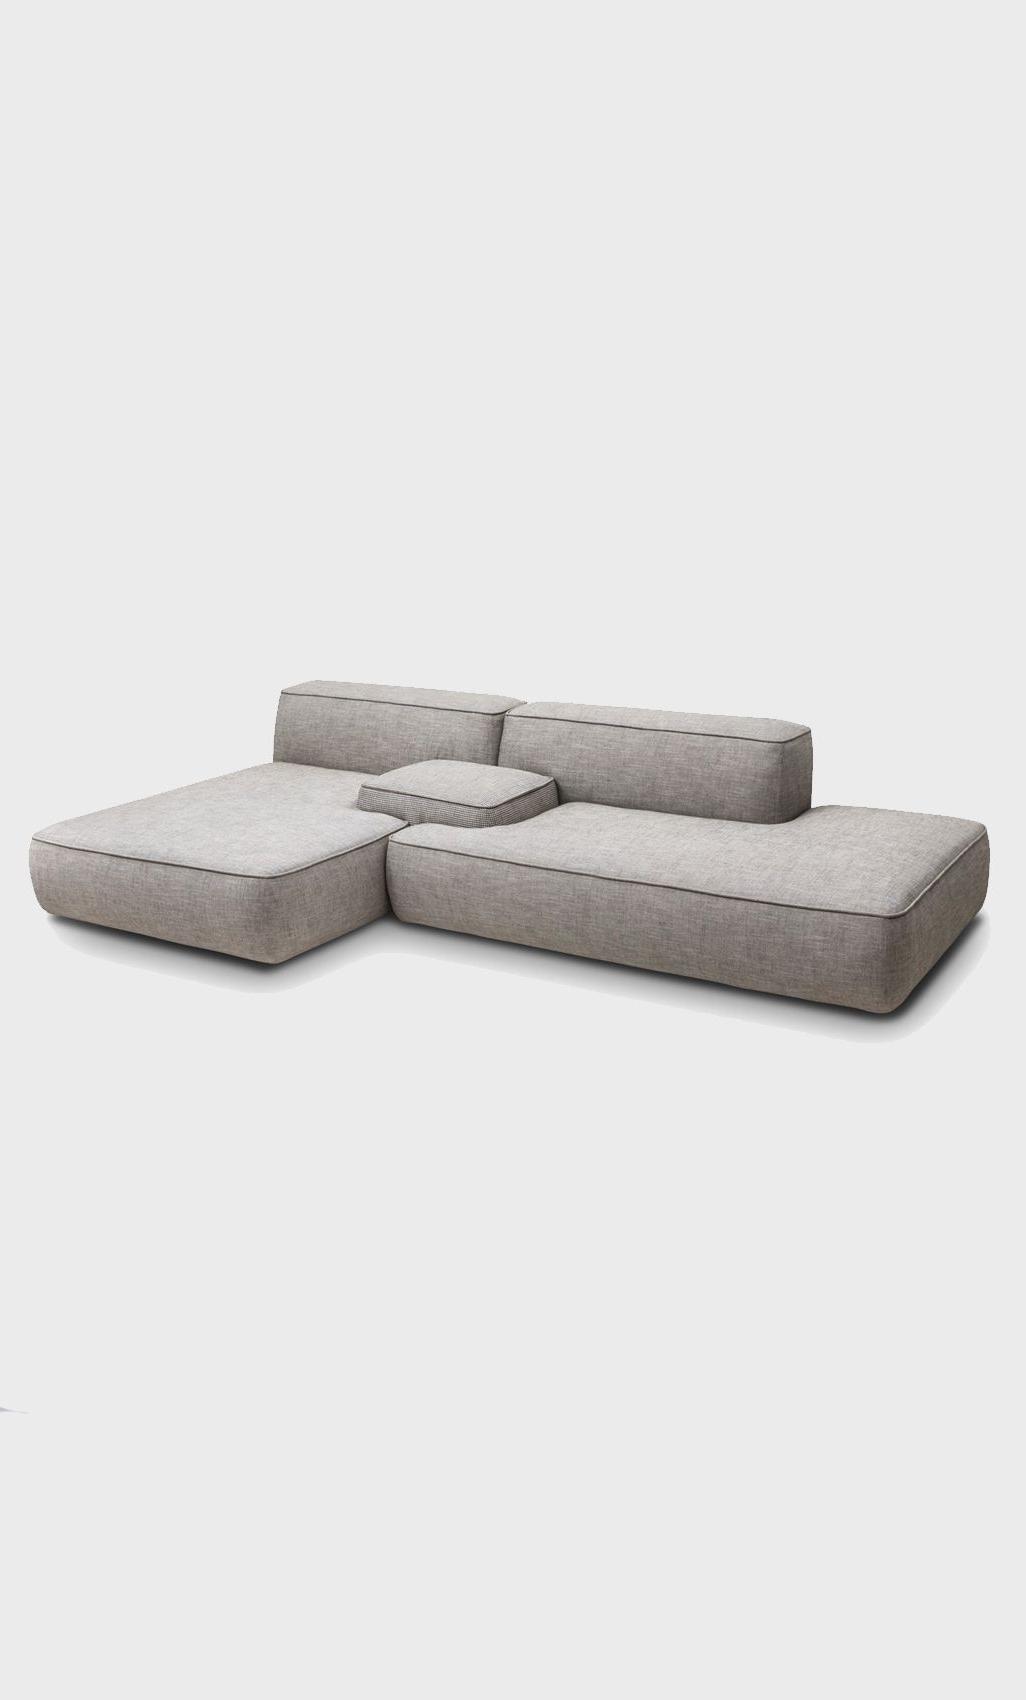 Furniture 2 Regarding Low Sofas (View 3 of 20)